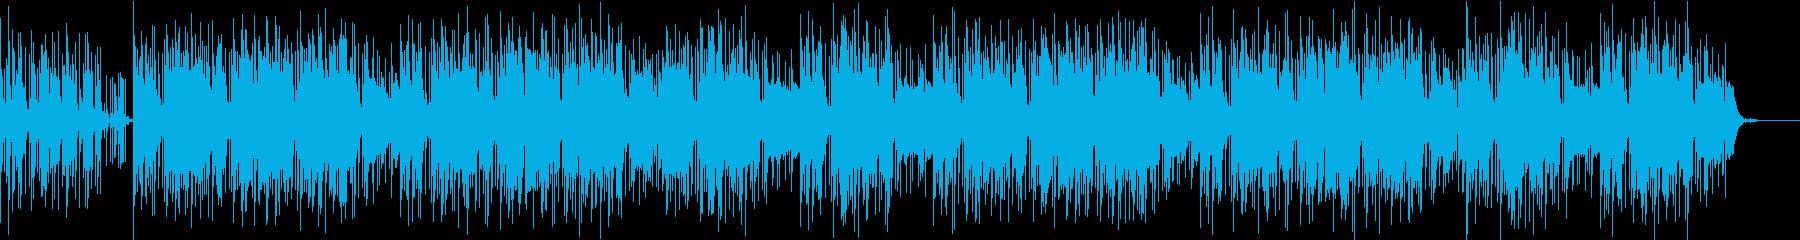 クールなインストヒップホップですの再生済みの波形